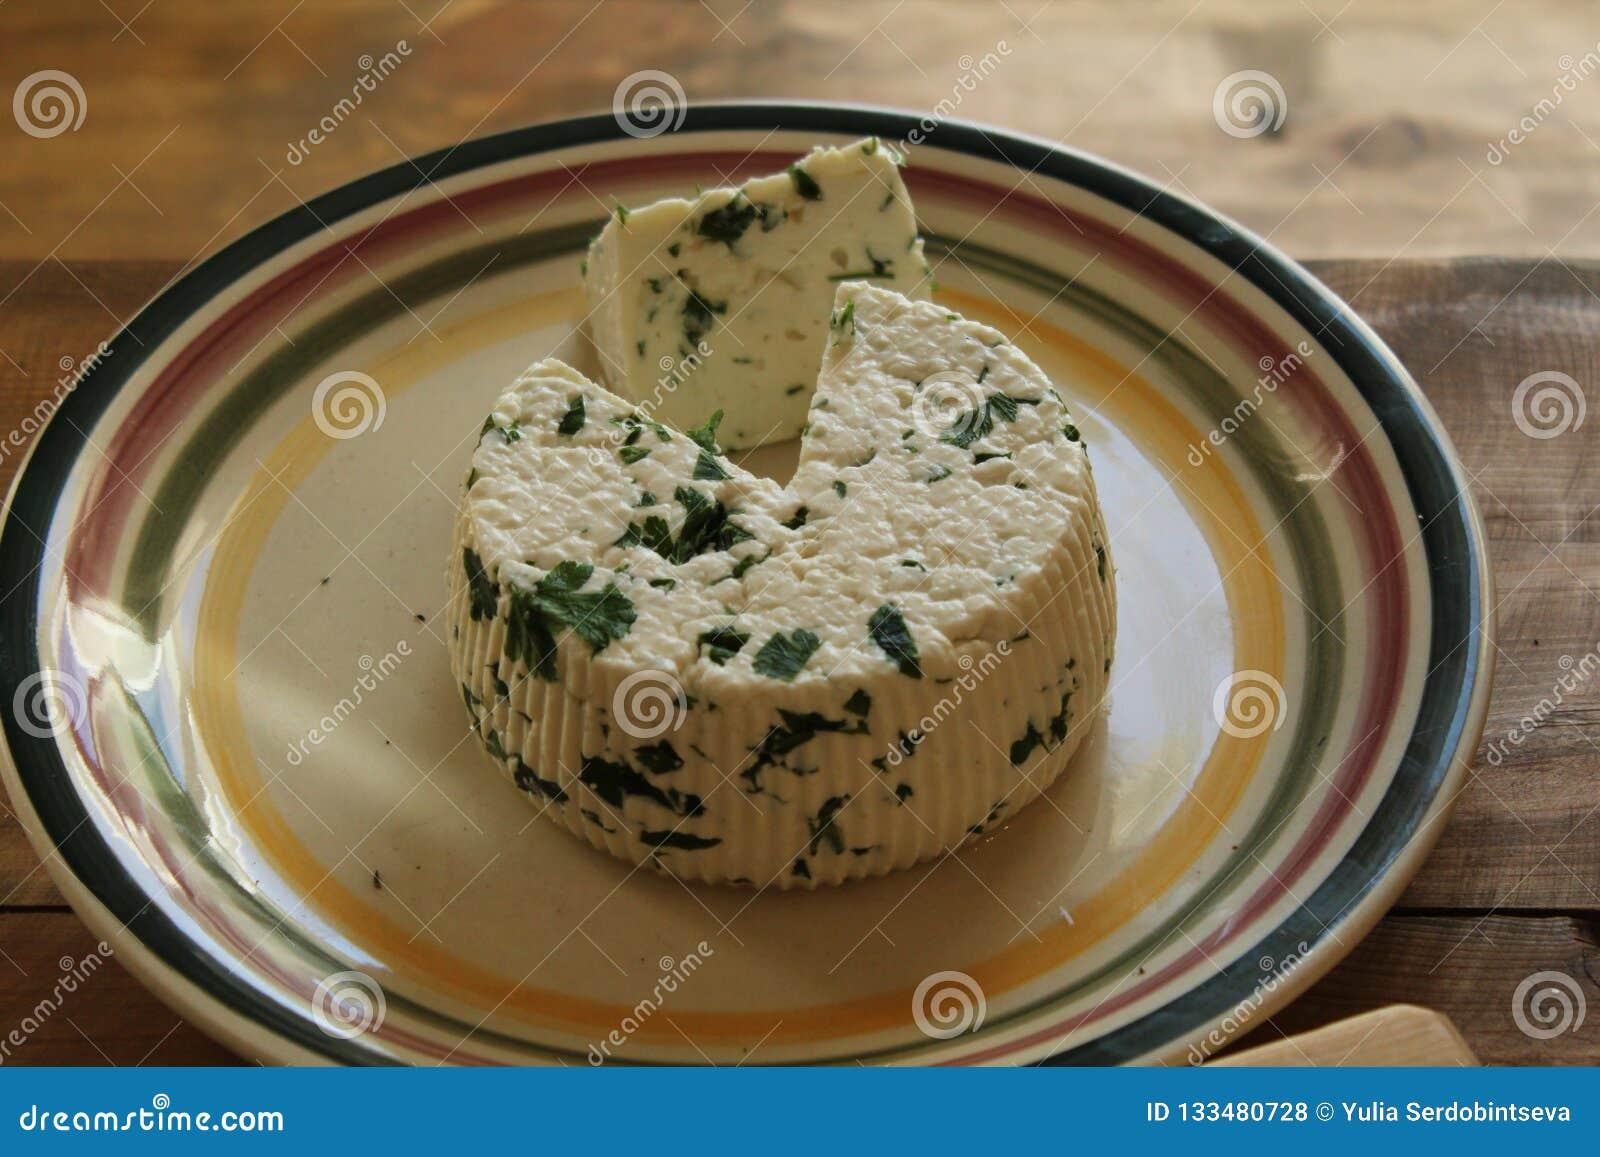 Runder selbst gemachter frischer natürlicher Käse, der auf einer Platte auf einem Holztisch liegt